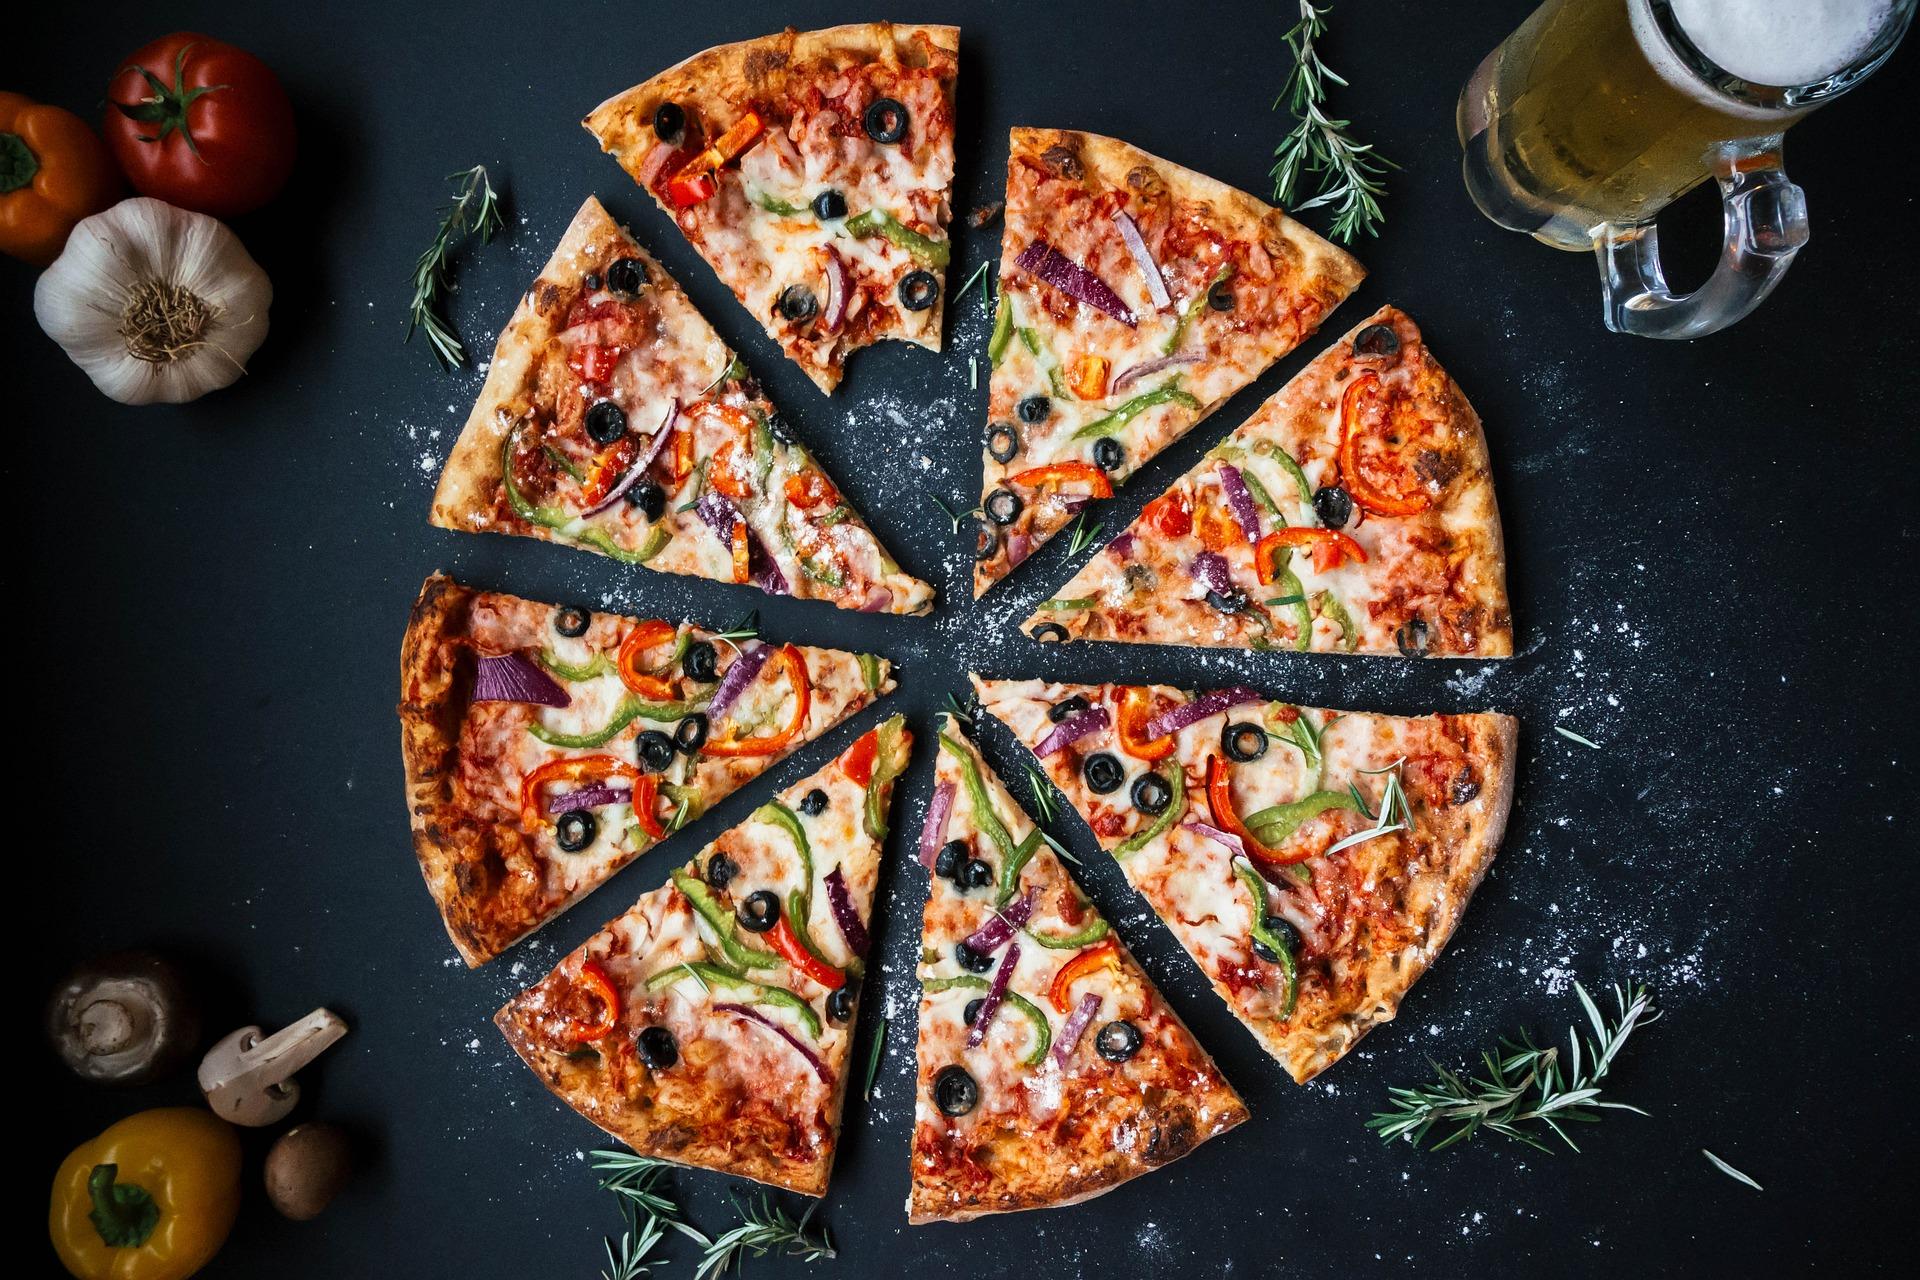 Pizzaszakács képzés